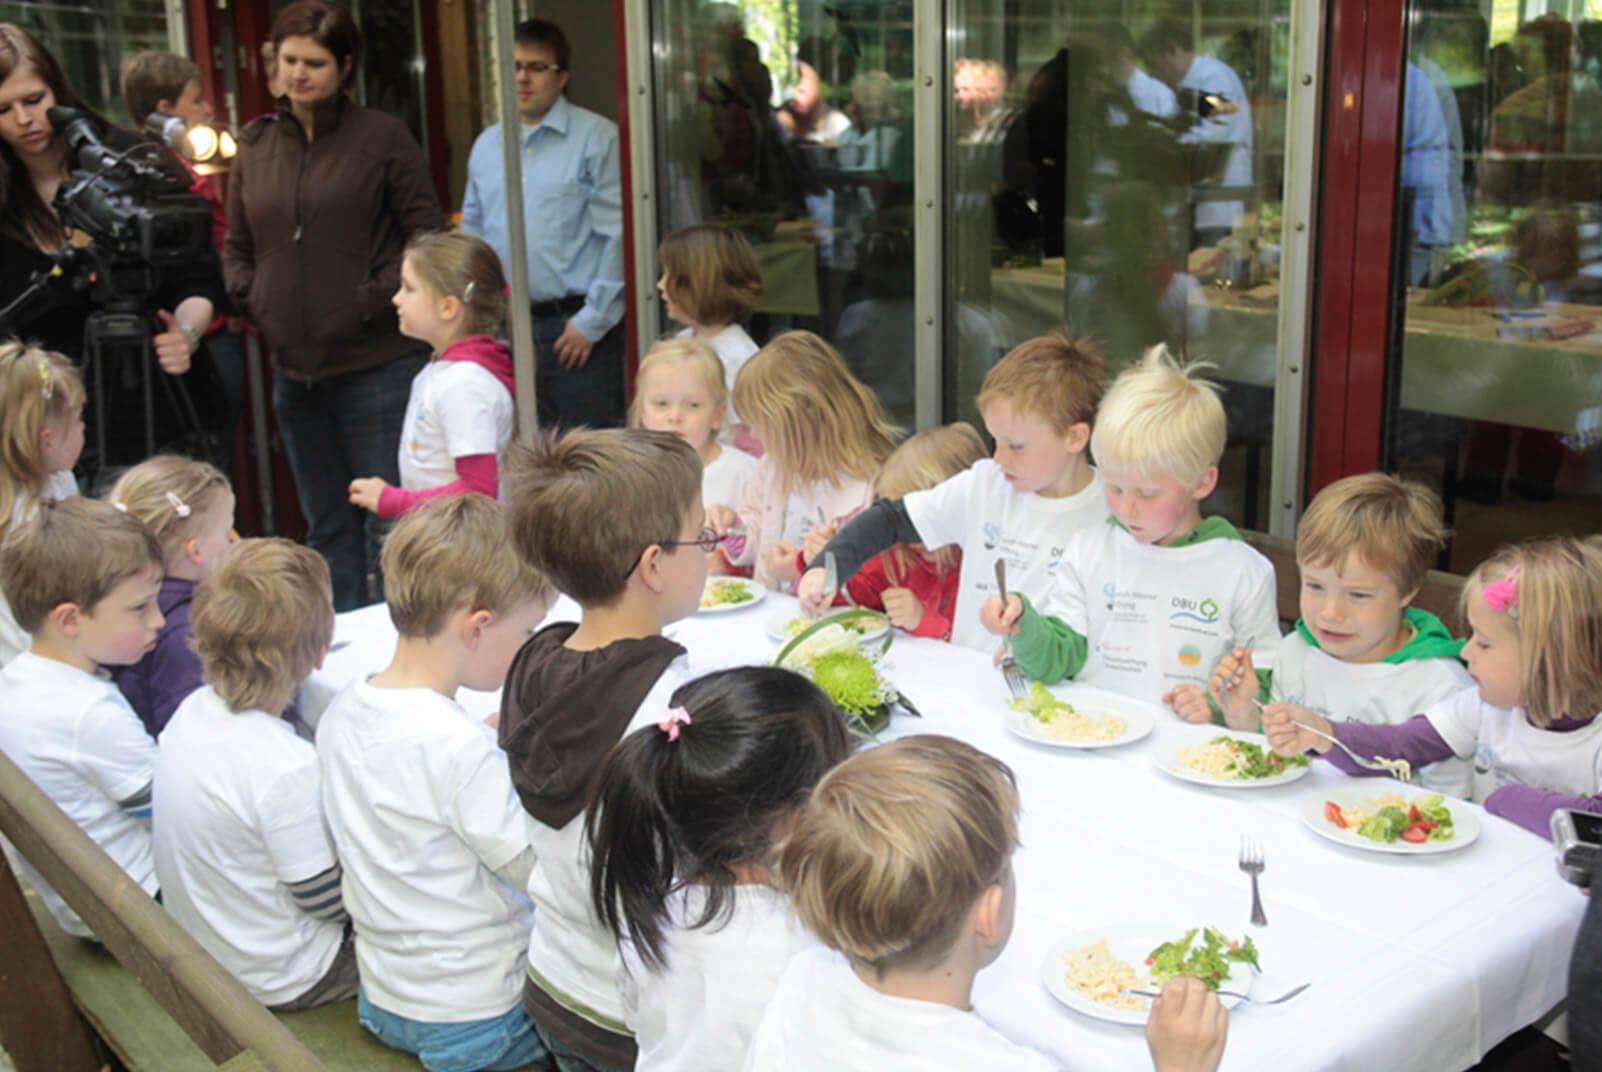 Kinder sitzen am Tisch und essen